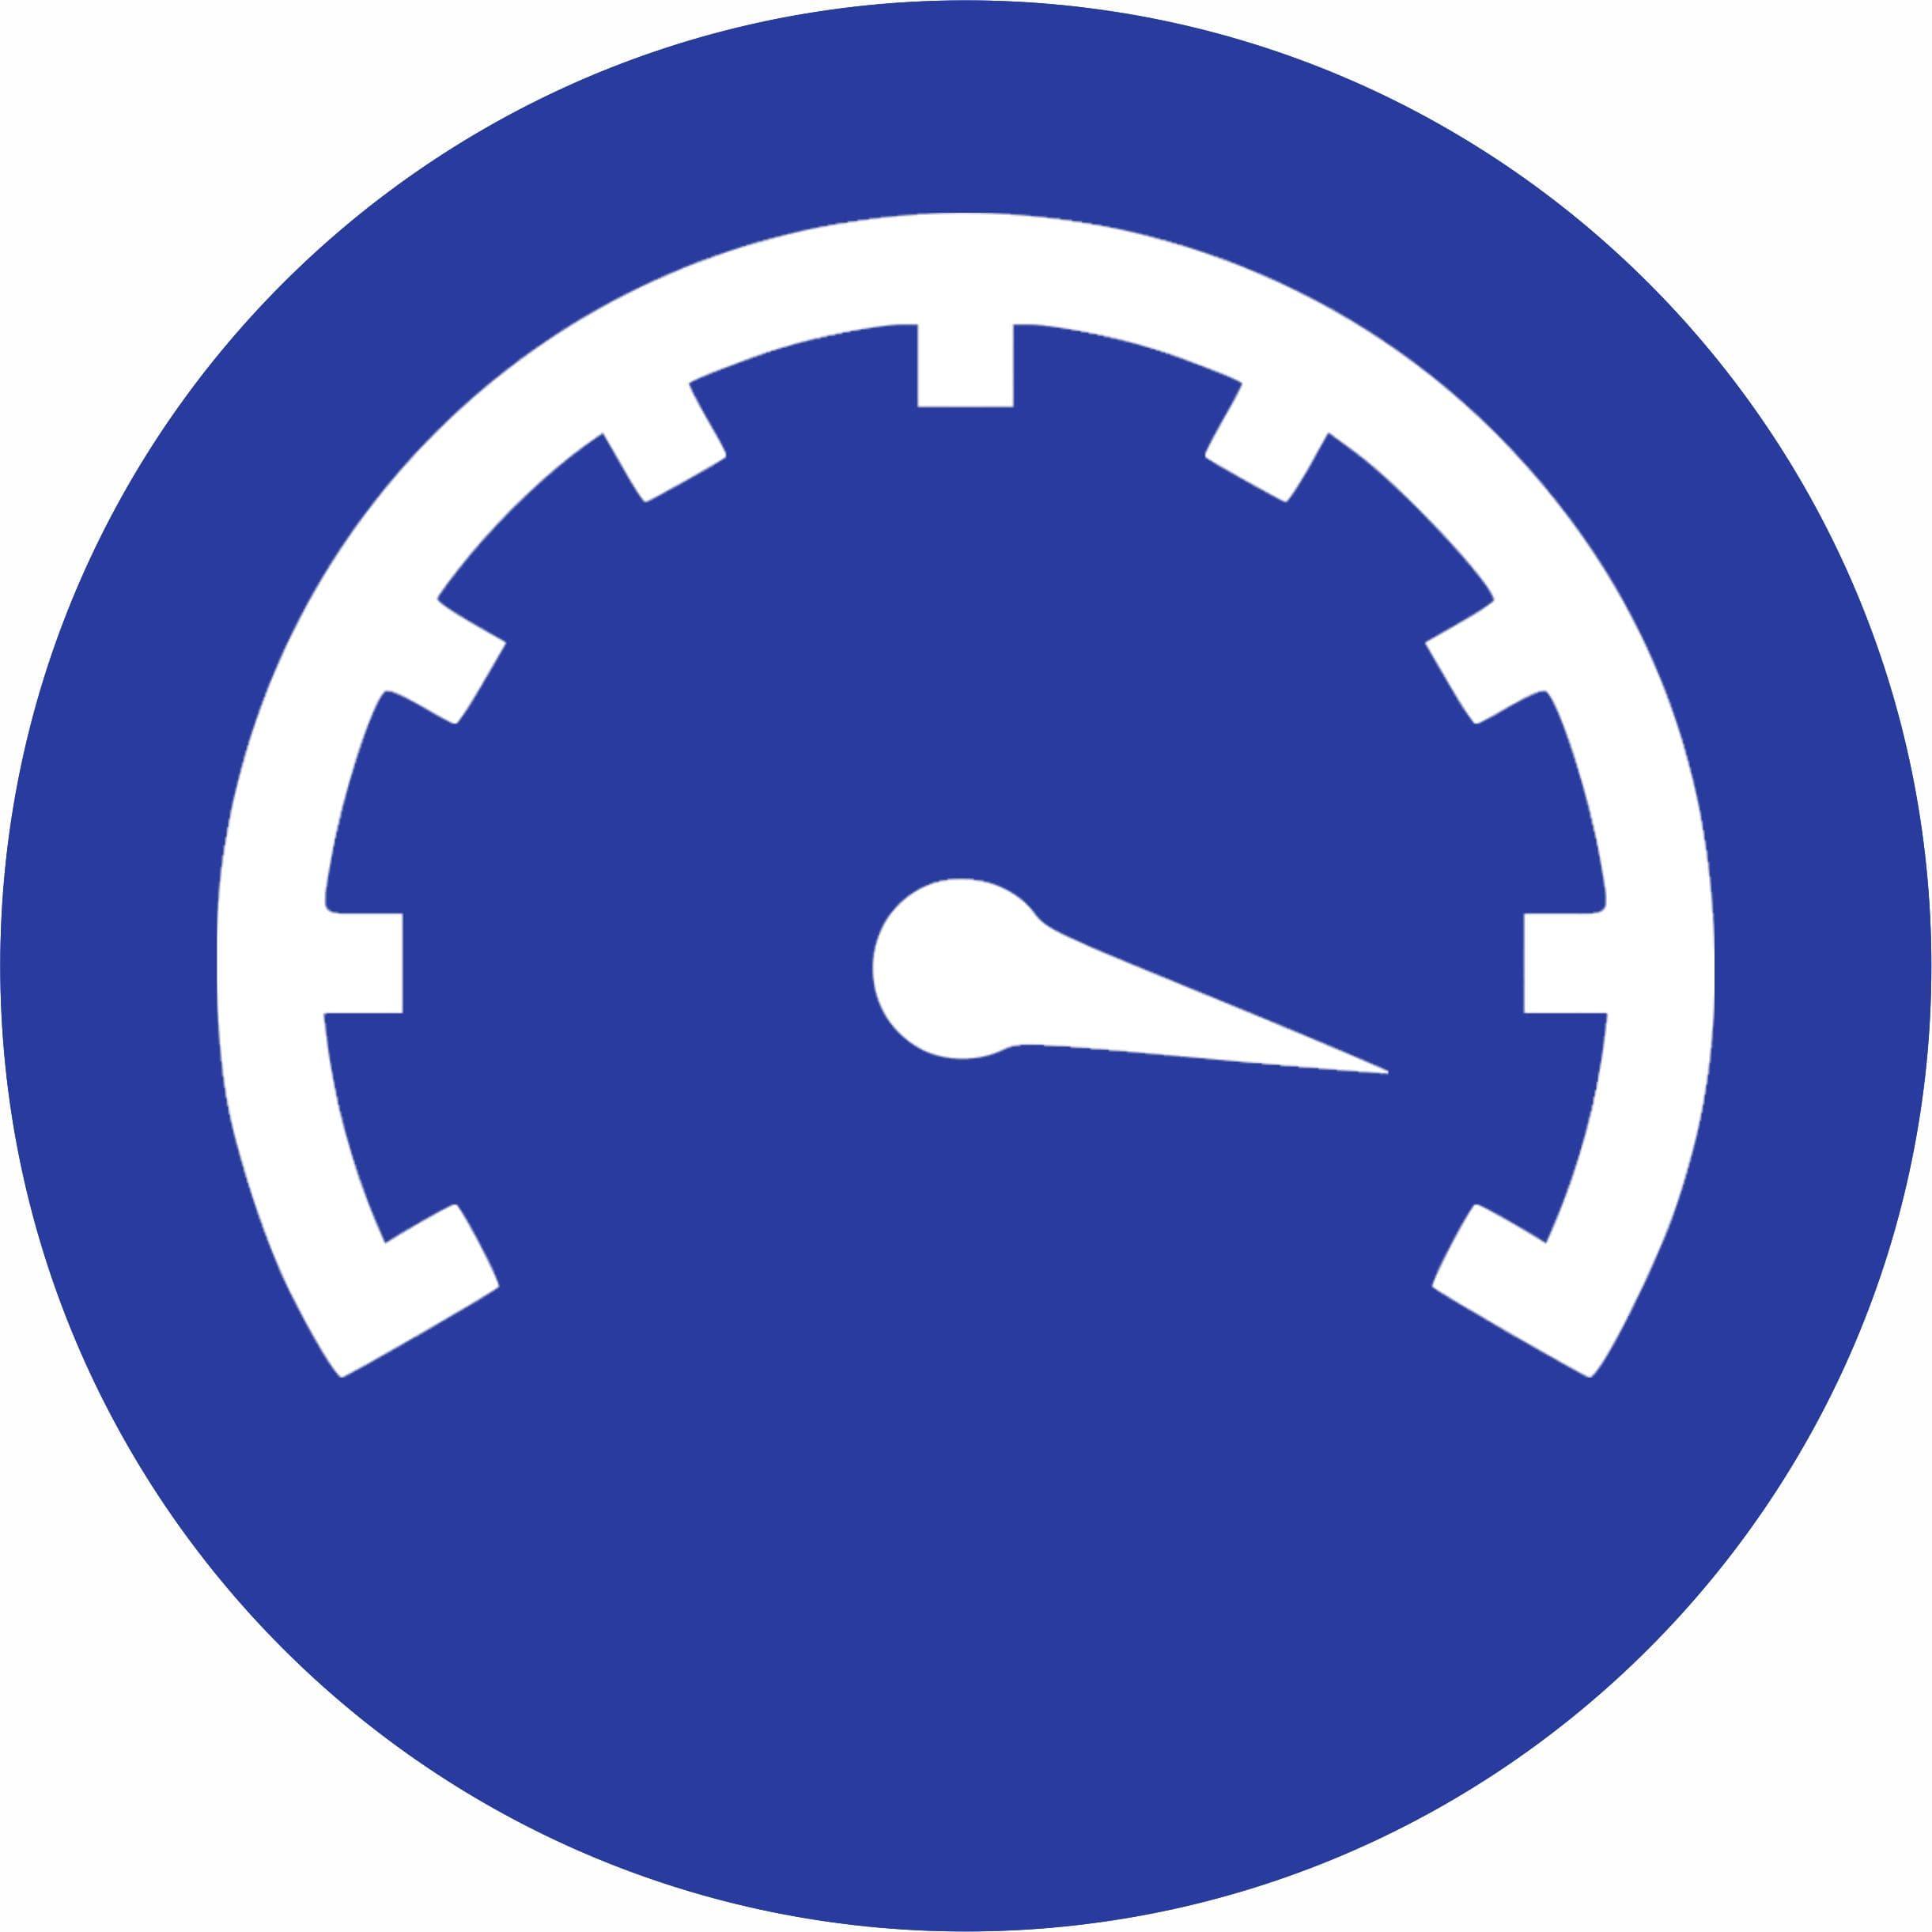 высокая скорость интернета